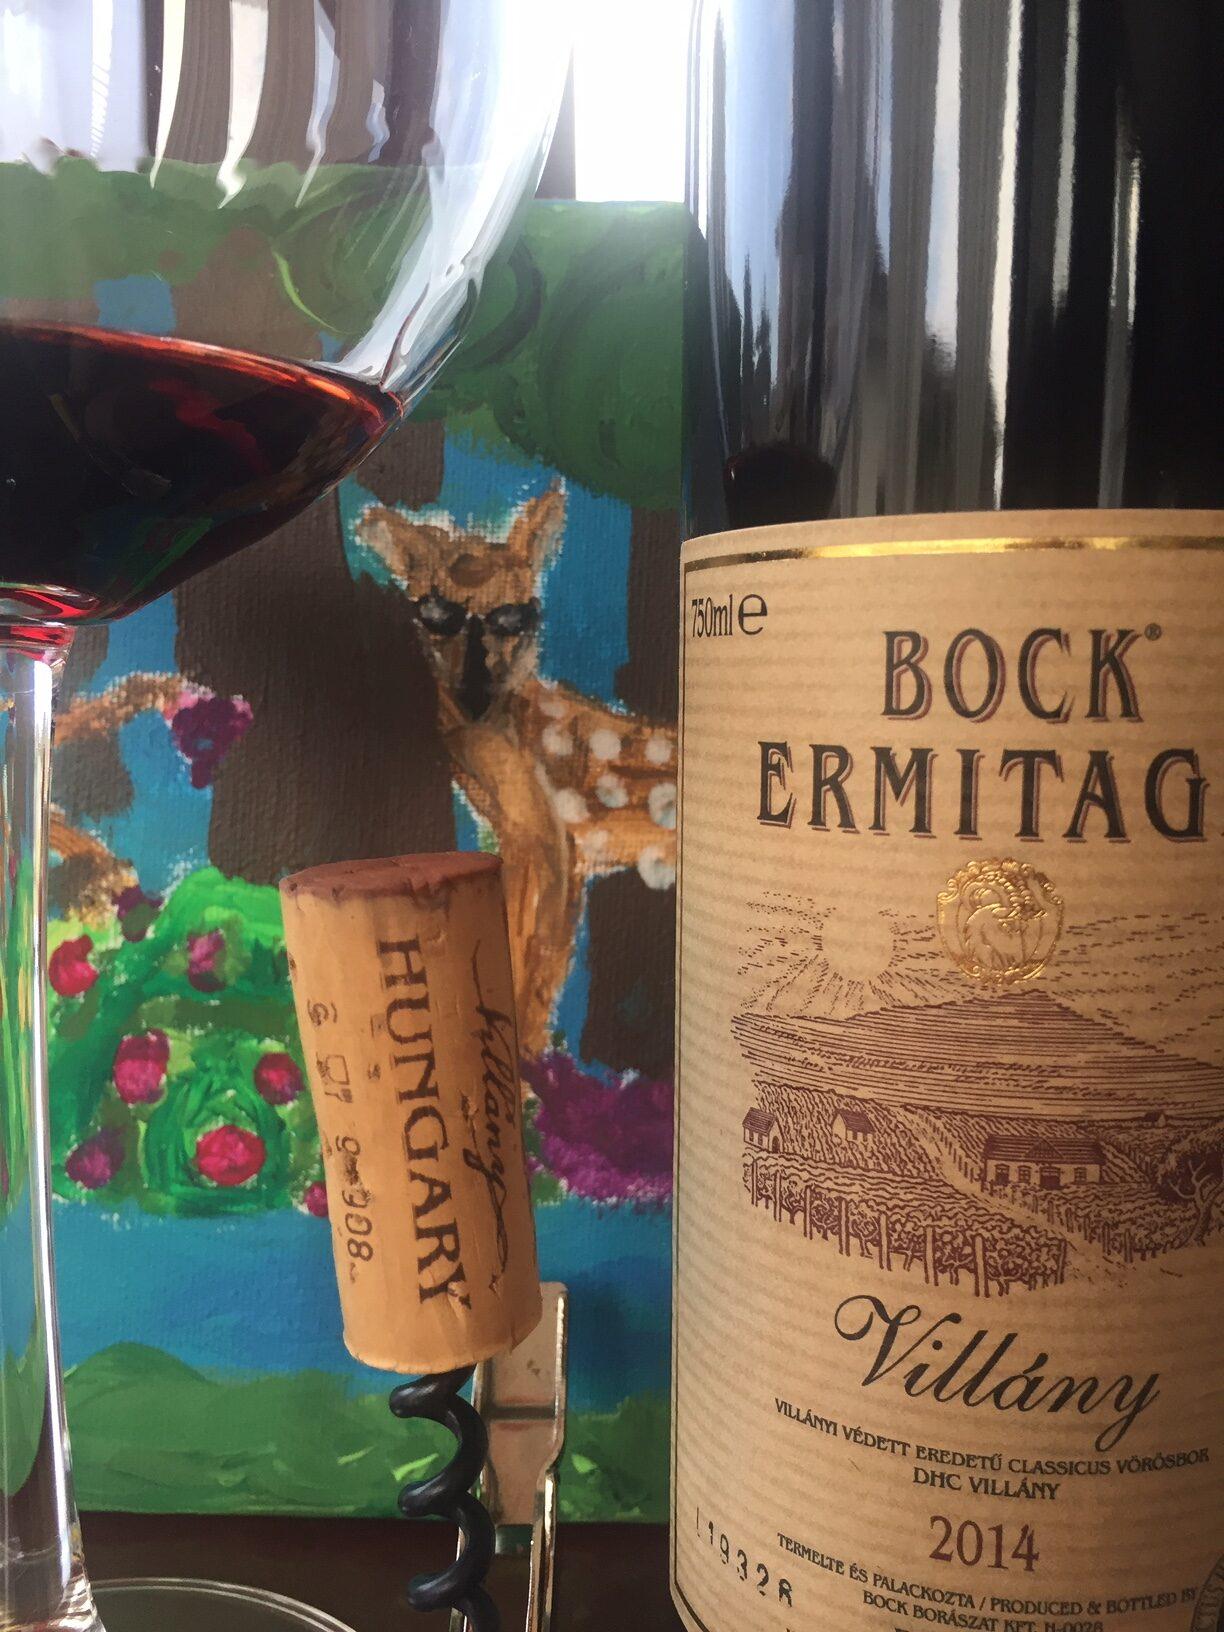 Bock ermitage 2014, vino ungherese, regalo di un amico appassionato di caccia e comprato in una delle sue spedizioni. Nel bicchiere alto ed importante si presenta con un rosso rubino , con unghia tendente al granato. Sullo sfondo, ius omaggio al mio amico, un dipinto di una foresta con i cervi